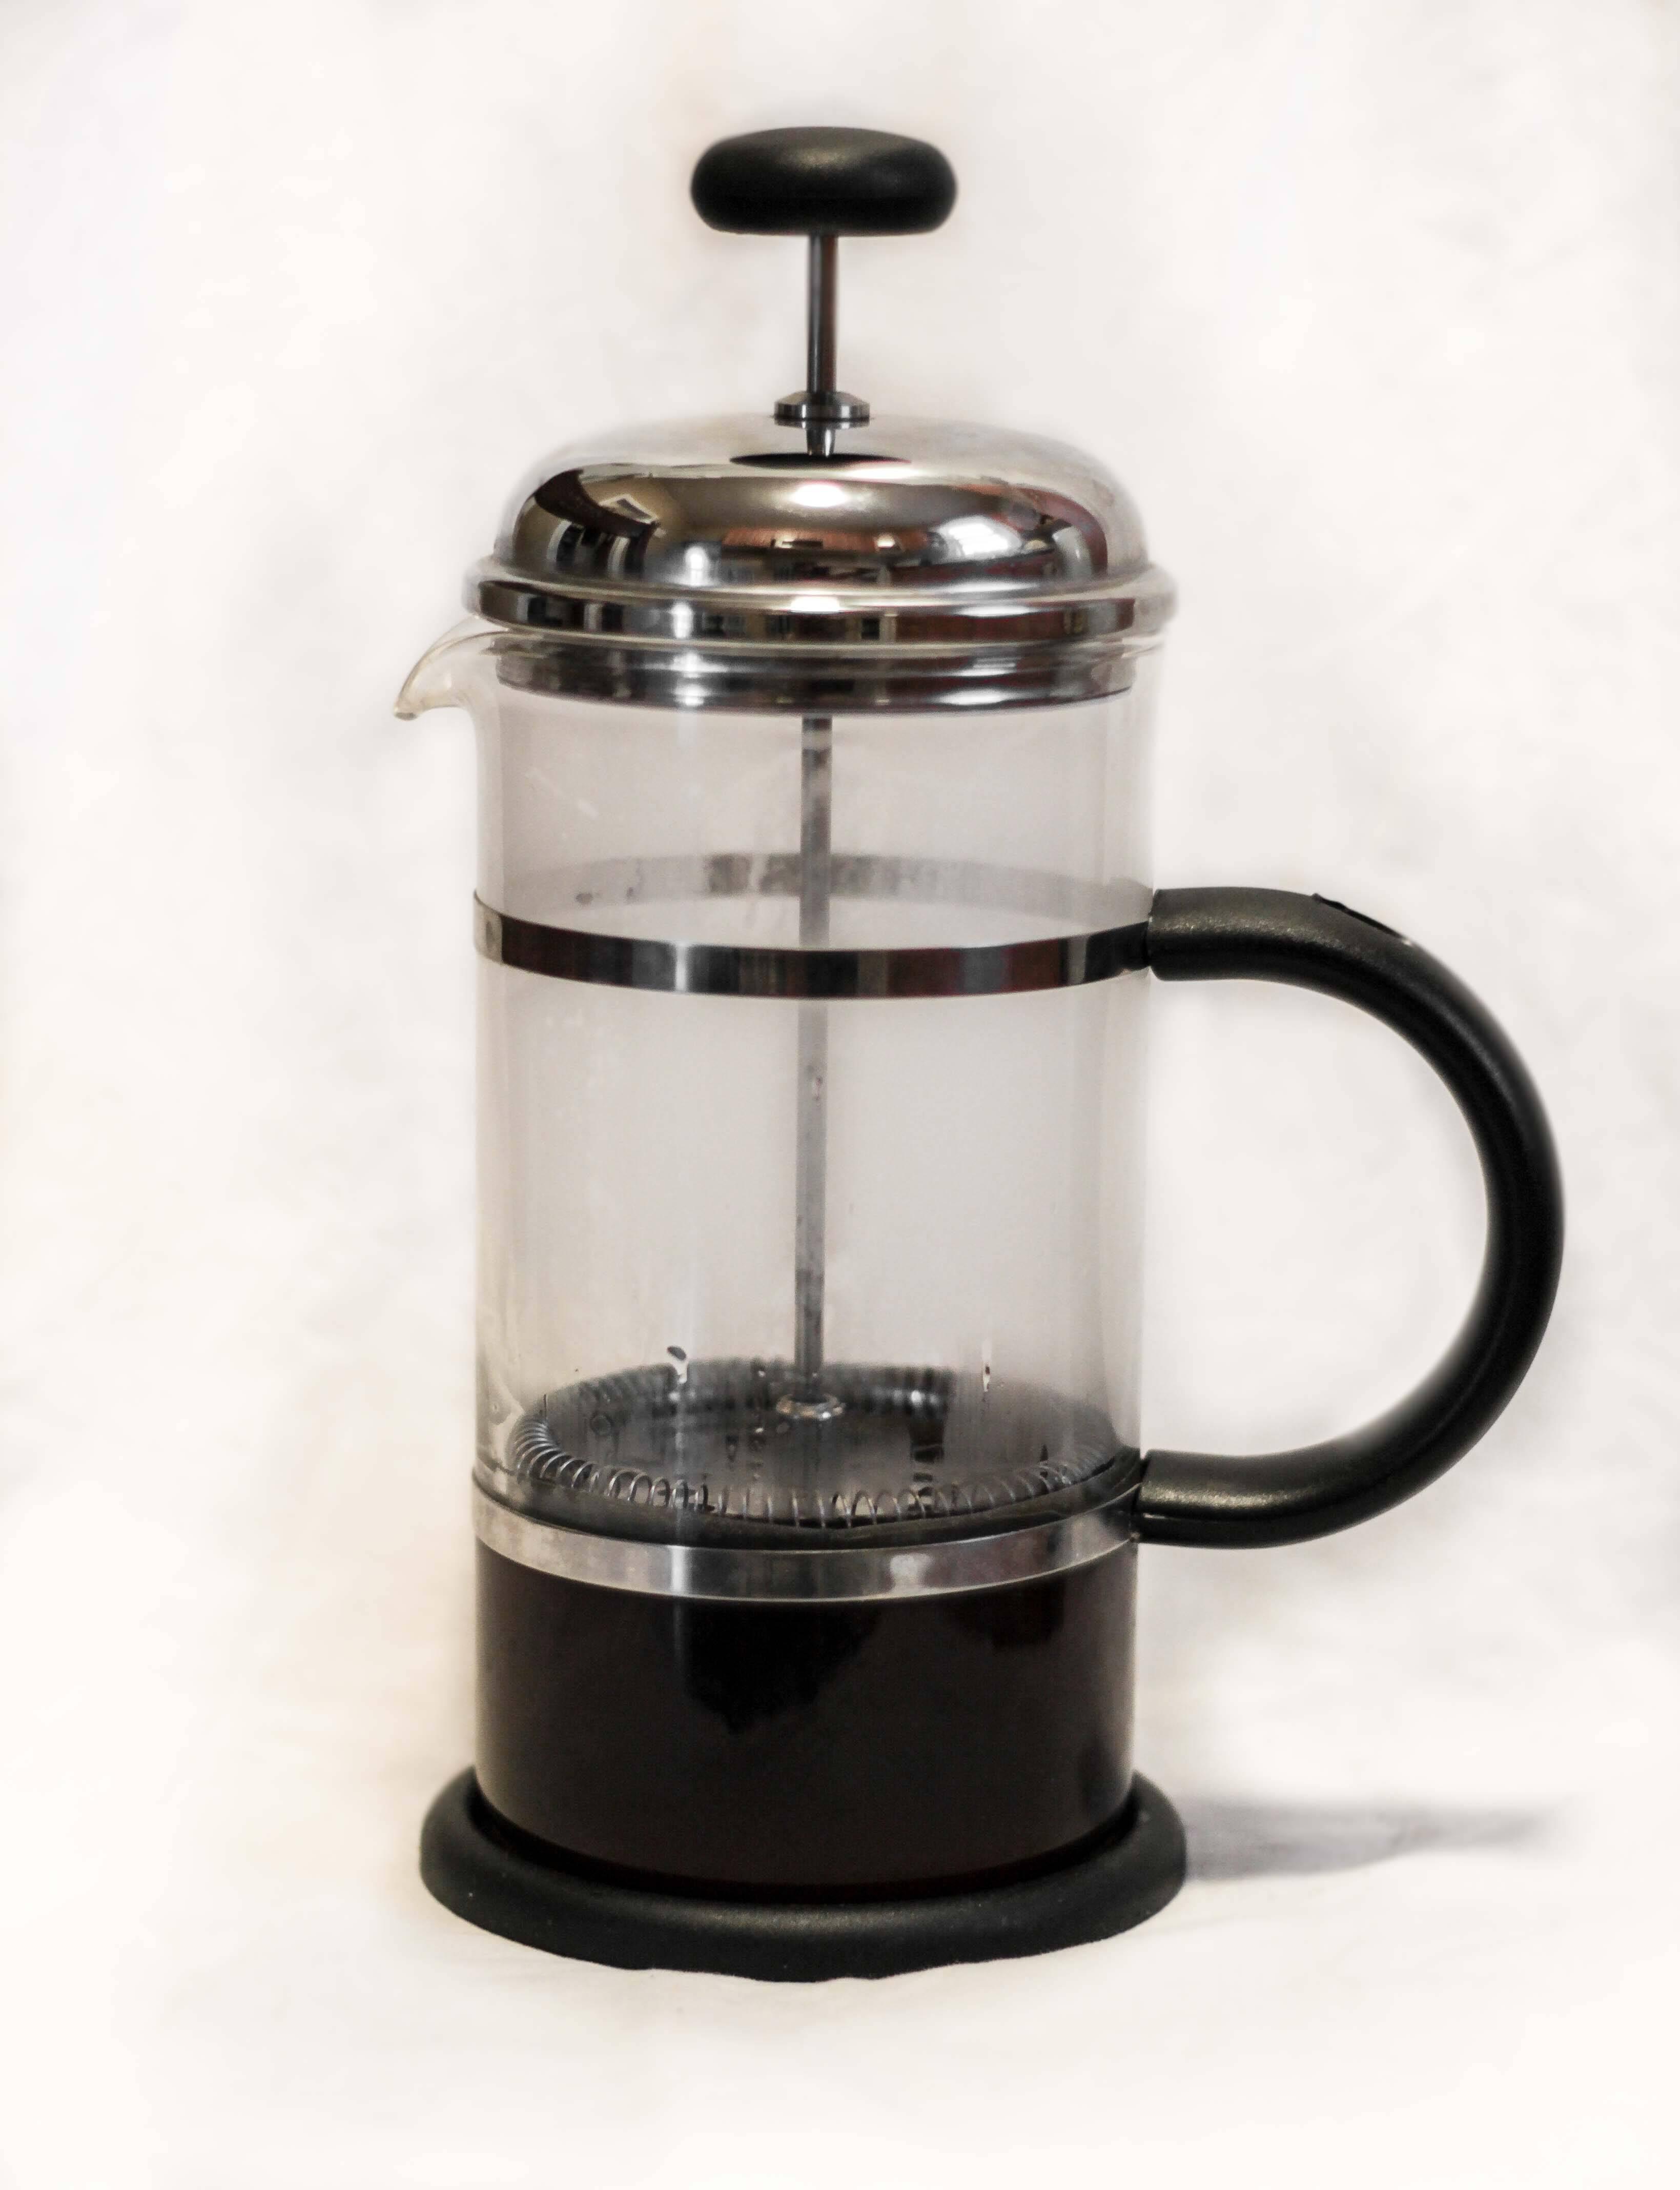 Знакомимся с френч прессом для приготовления кофе и ароматного чая